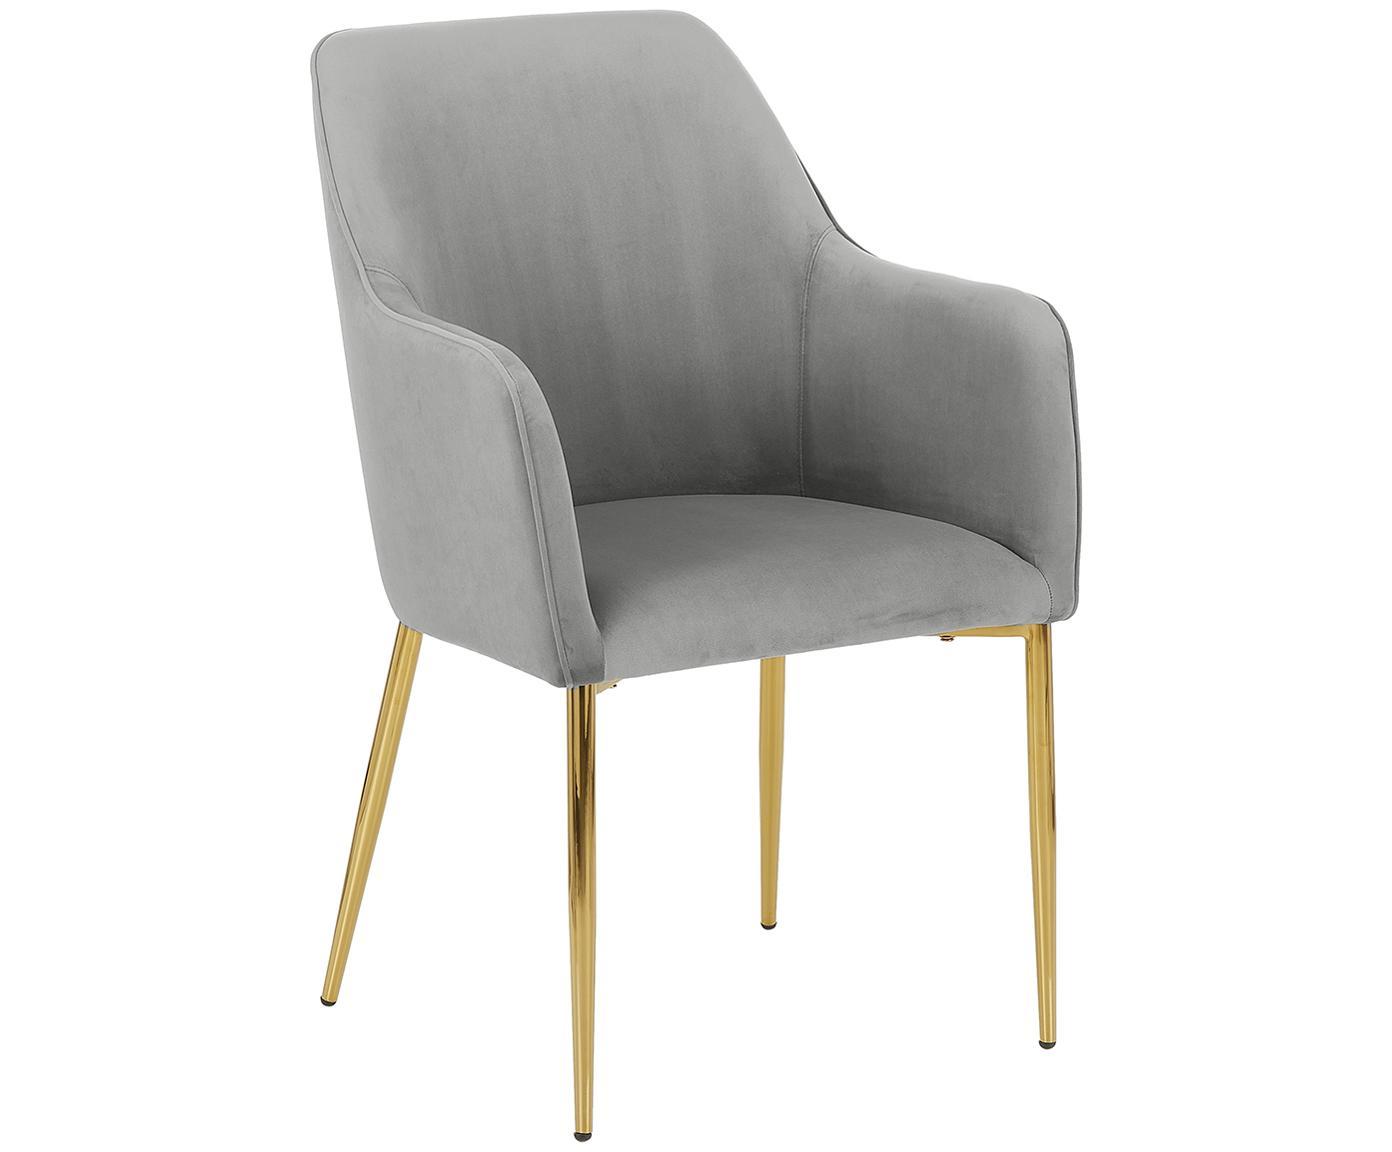 Krzesło z podłokietnikami  z aksamitu Ava, Tapicerka: aksamit (poliester) 5000, Nogi: metal galwanizowany, Szary, S 57 x G 62 cm